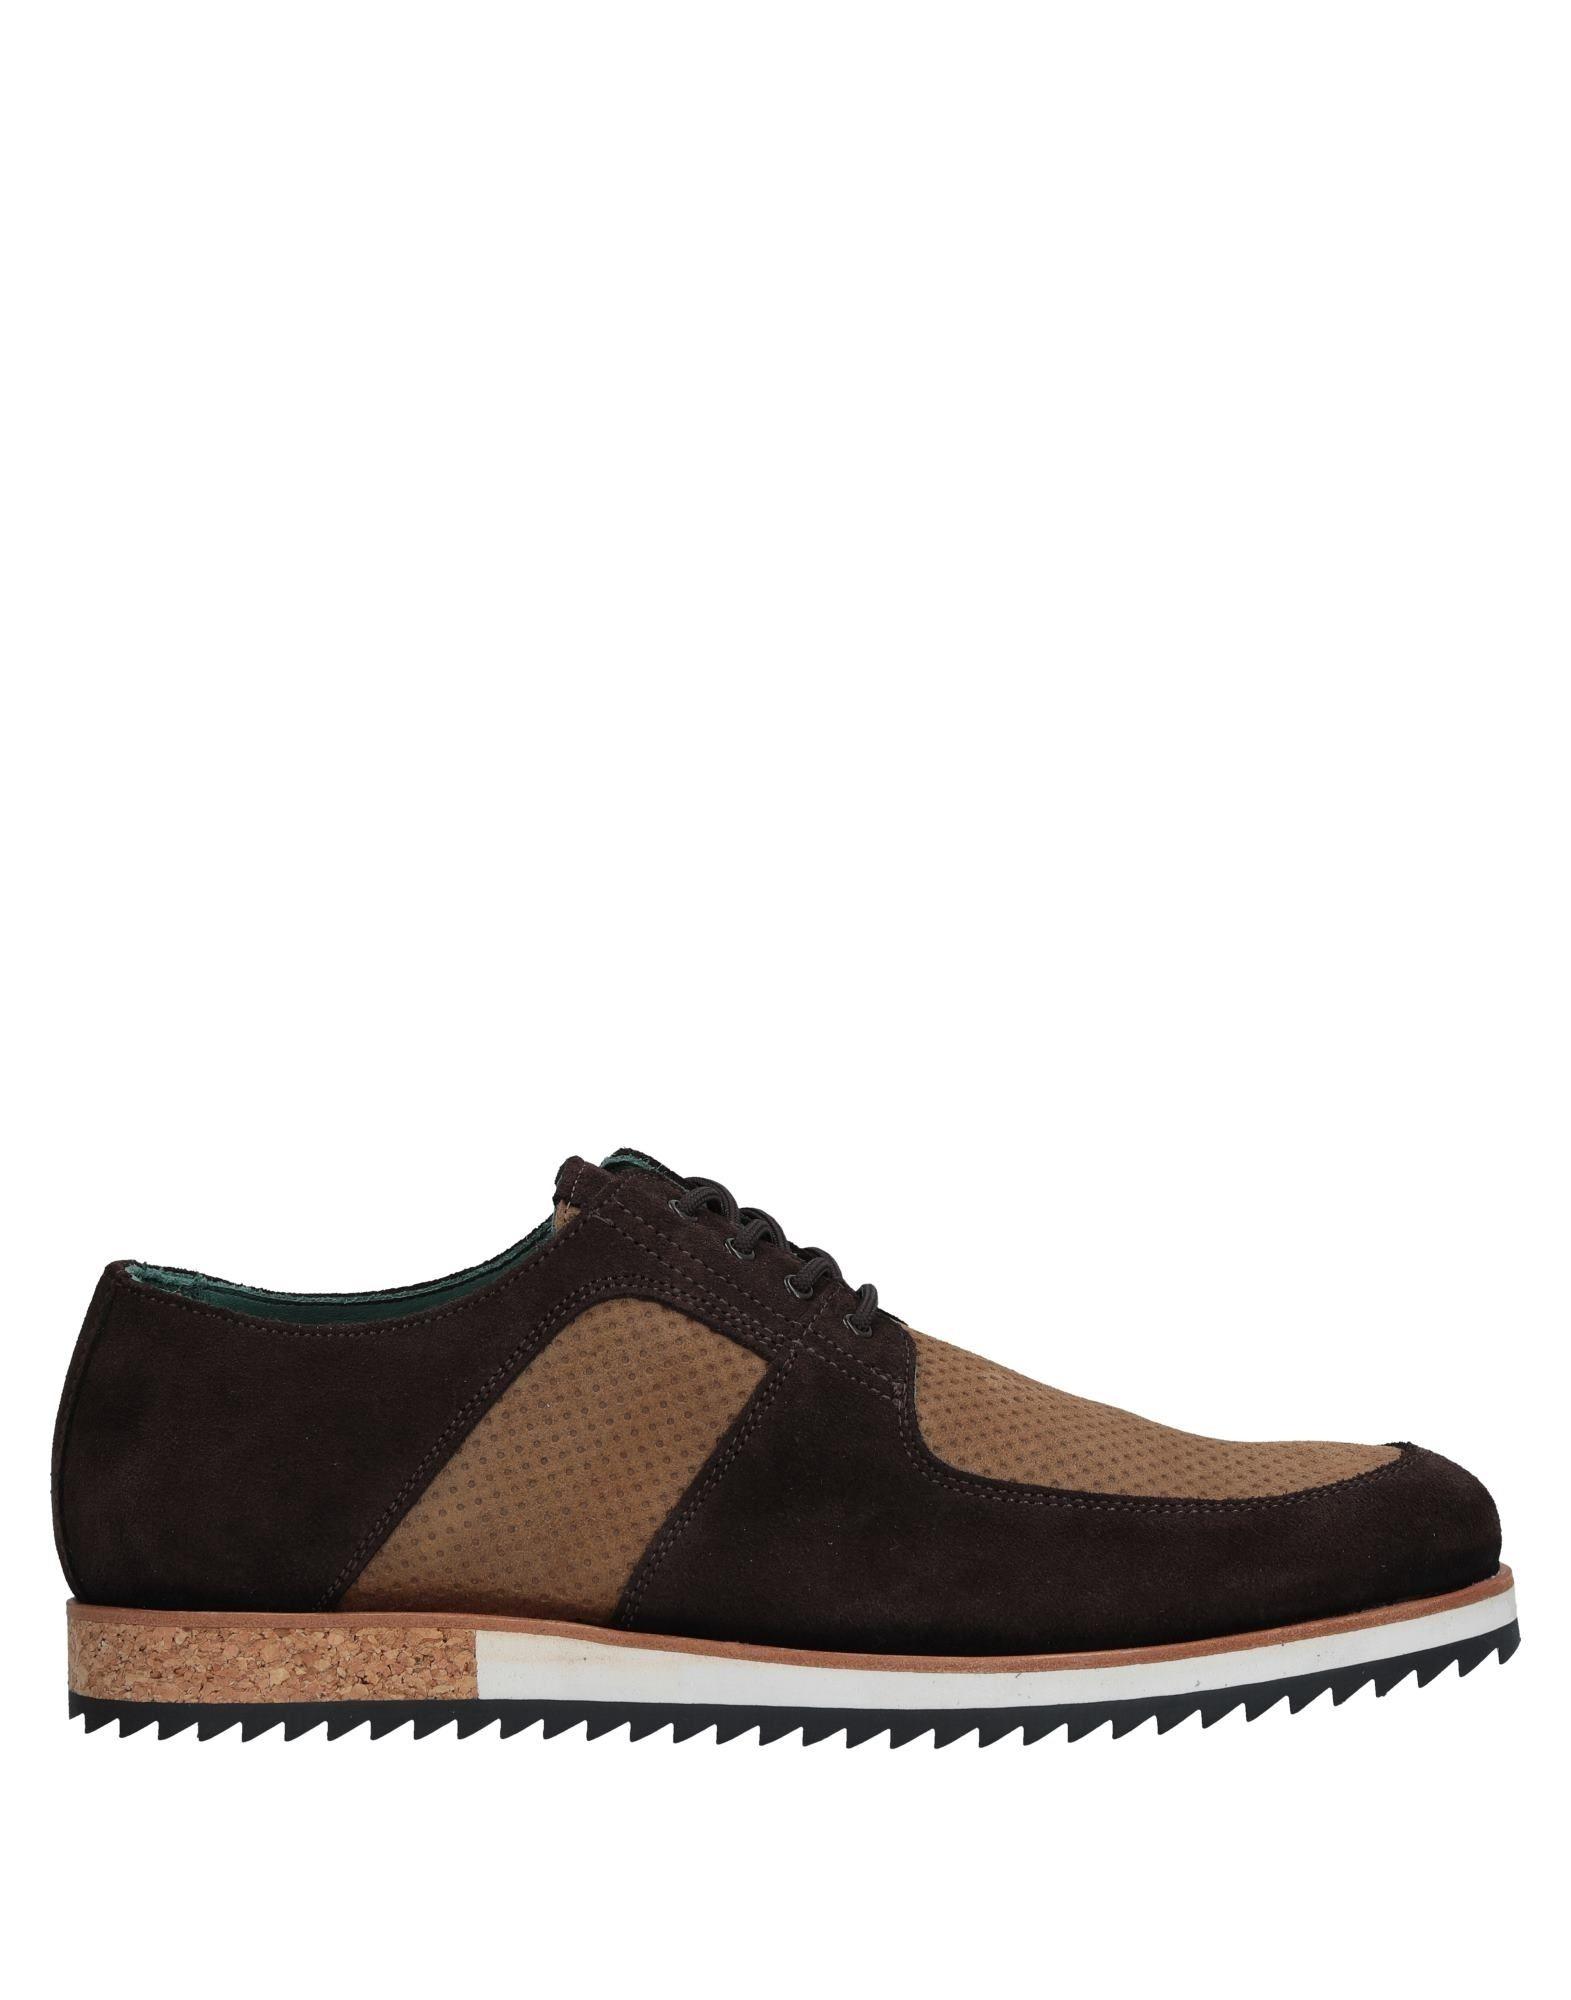 Sneakers Exceed Uomo - 11524709MV Scarpe economiche e buone